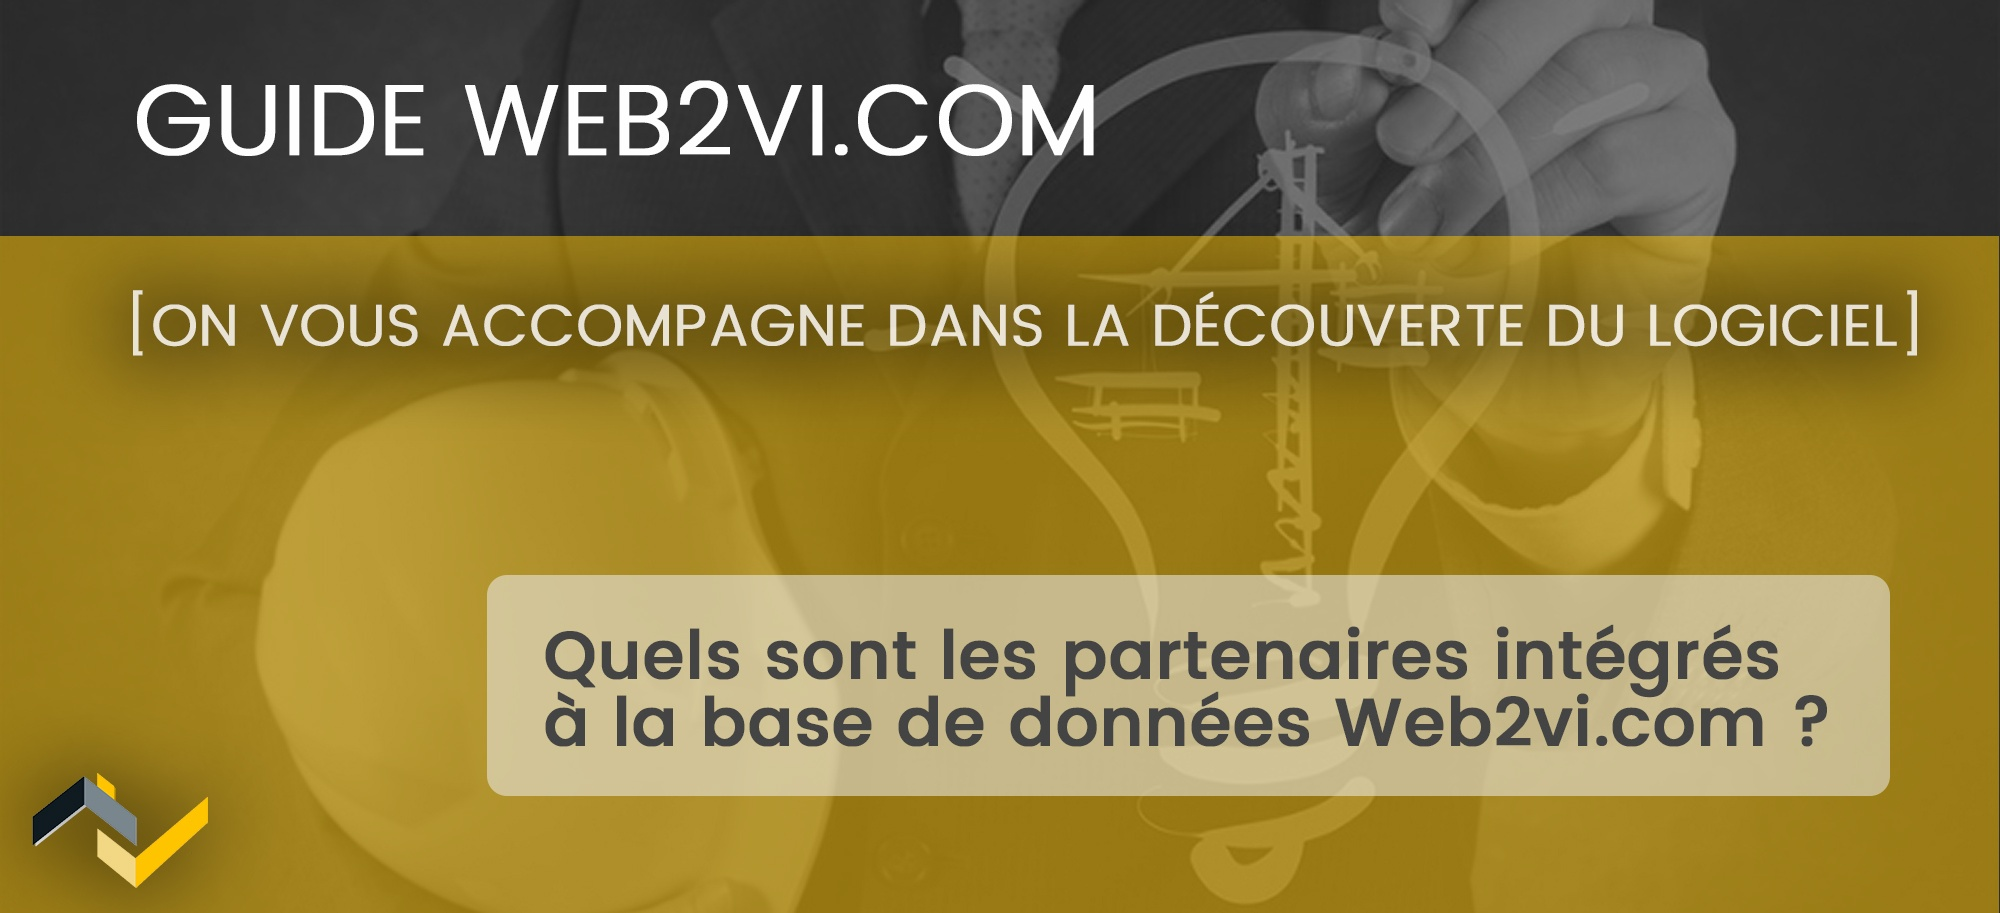 Quels sont les partenaires intégrés à la base de données Web2vi.com ?